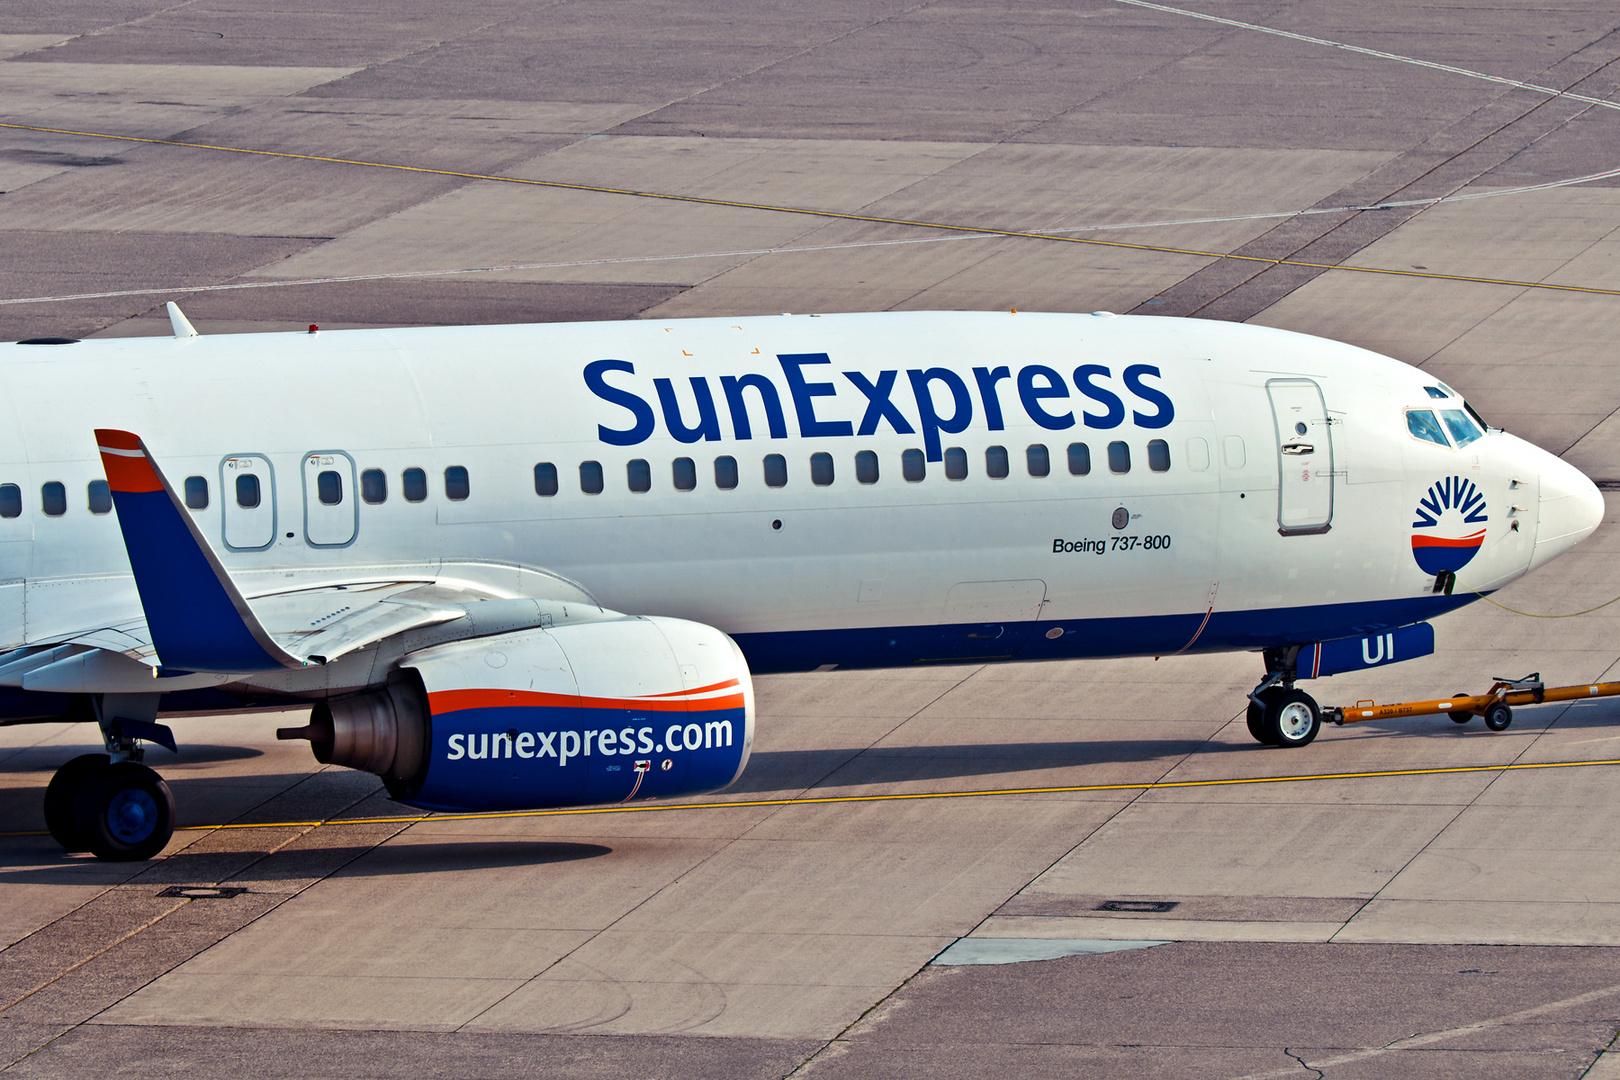 Sun Express in Düsseldorf